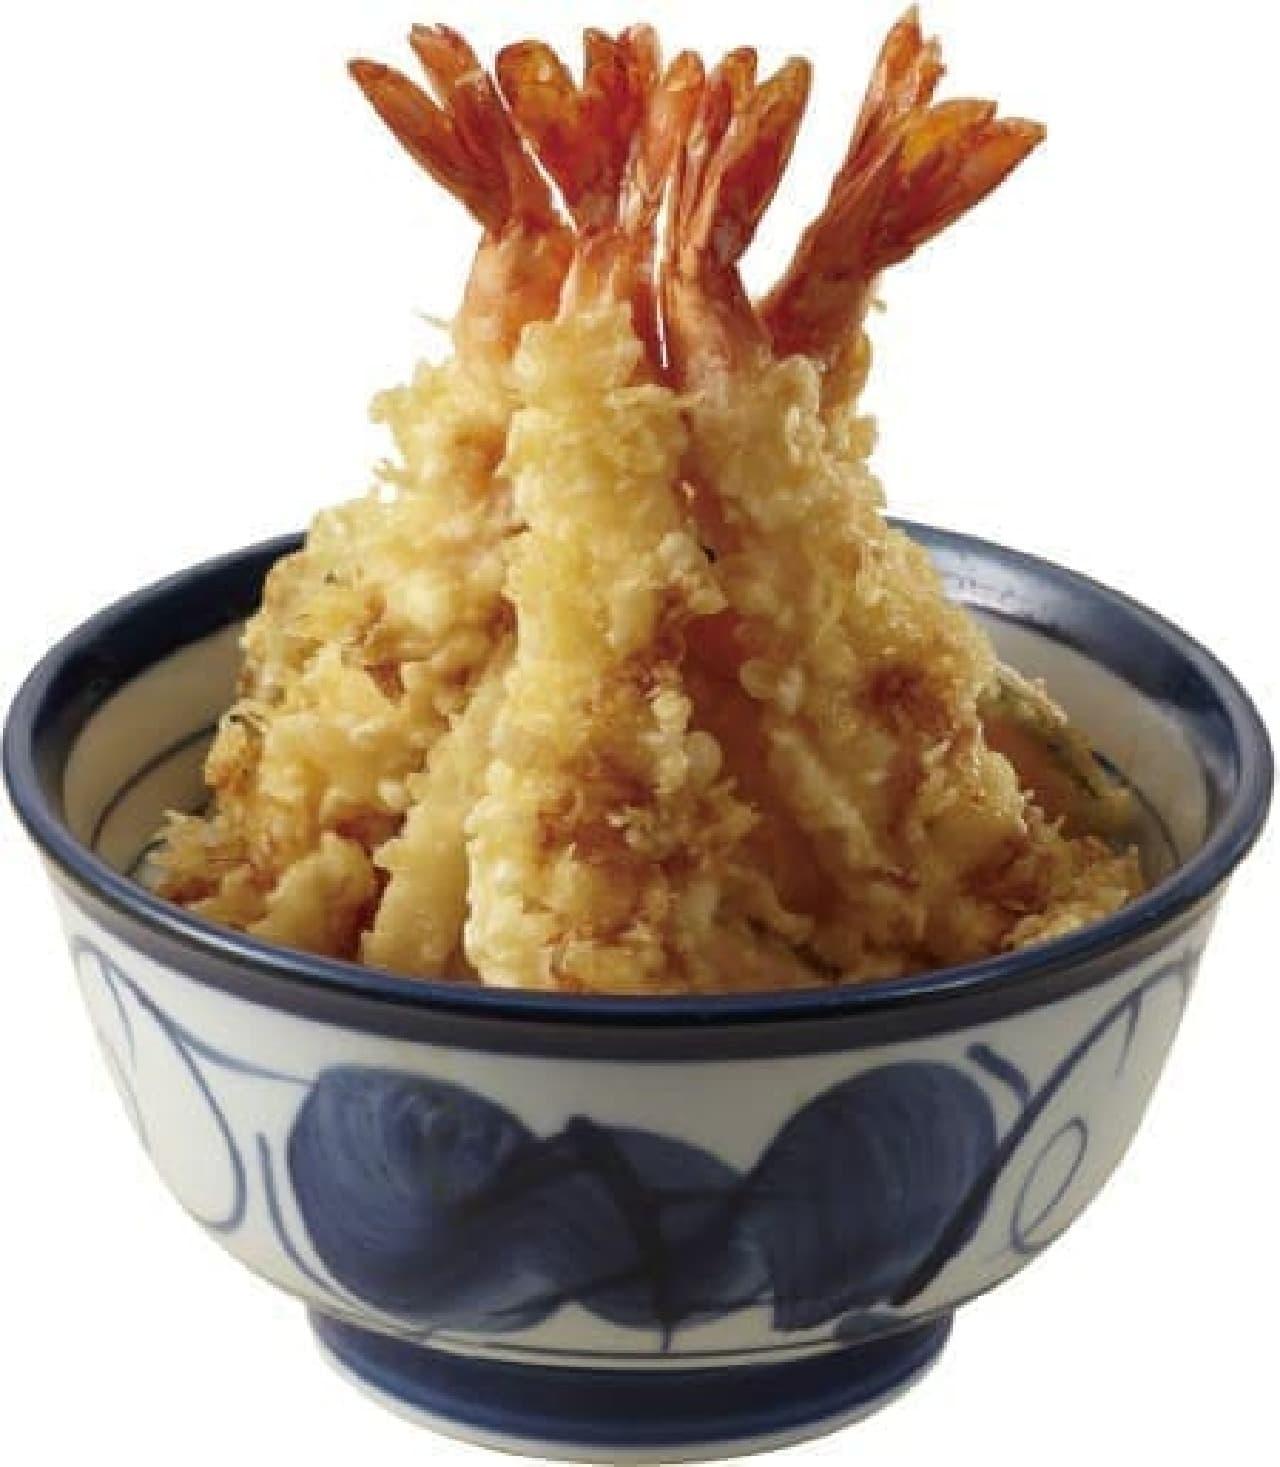 天丼てんや 東京ソラマチ店限定「海老ツリー天丼」